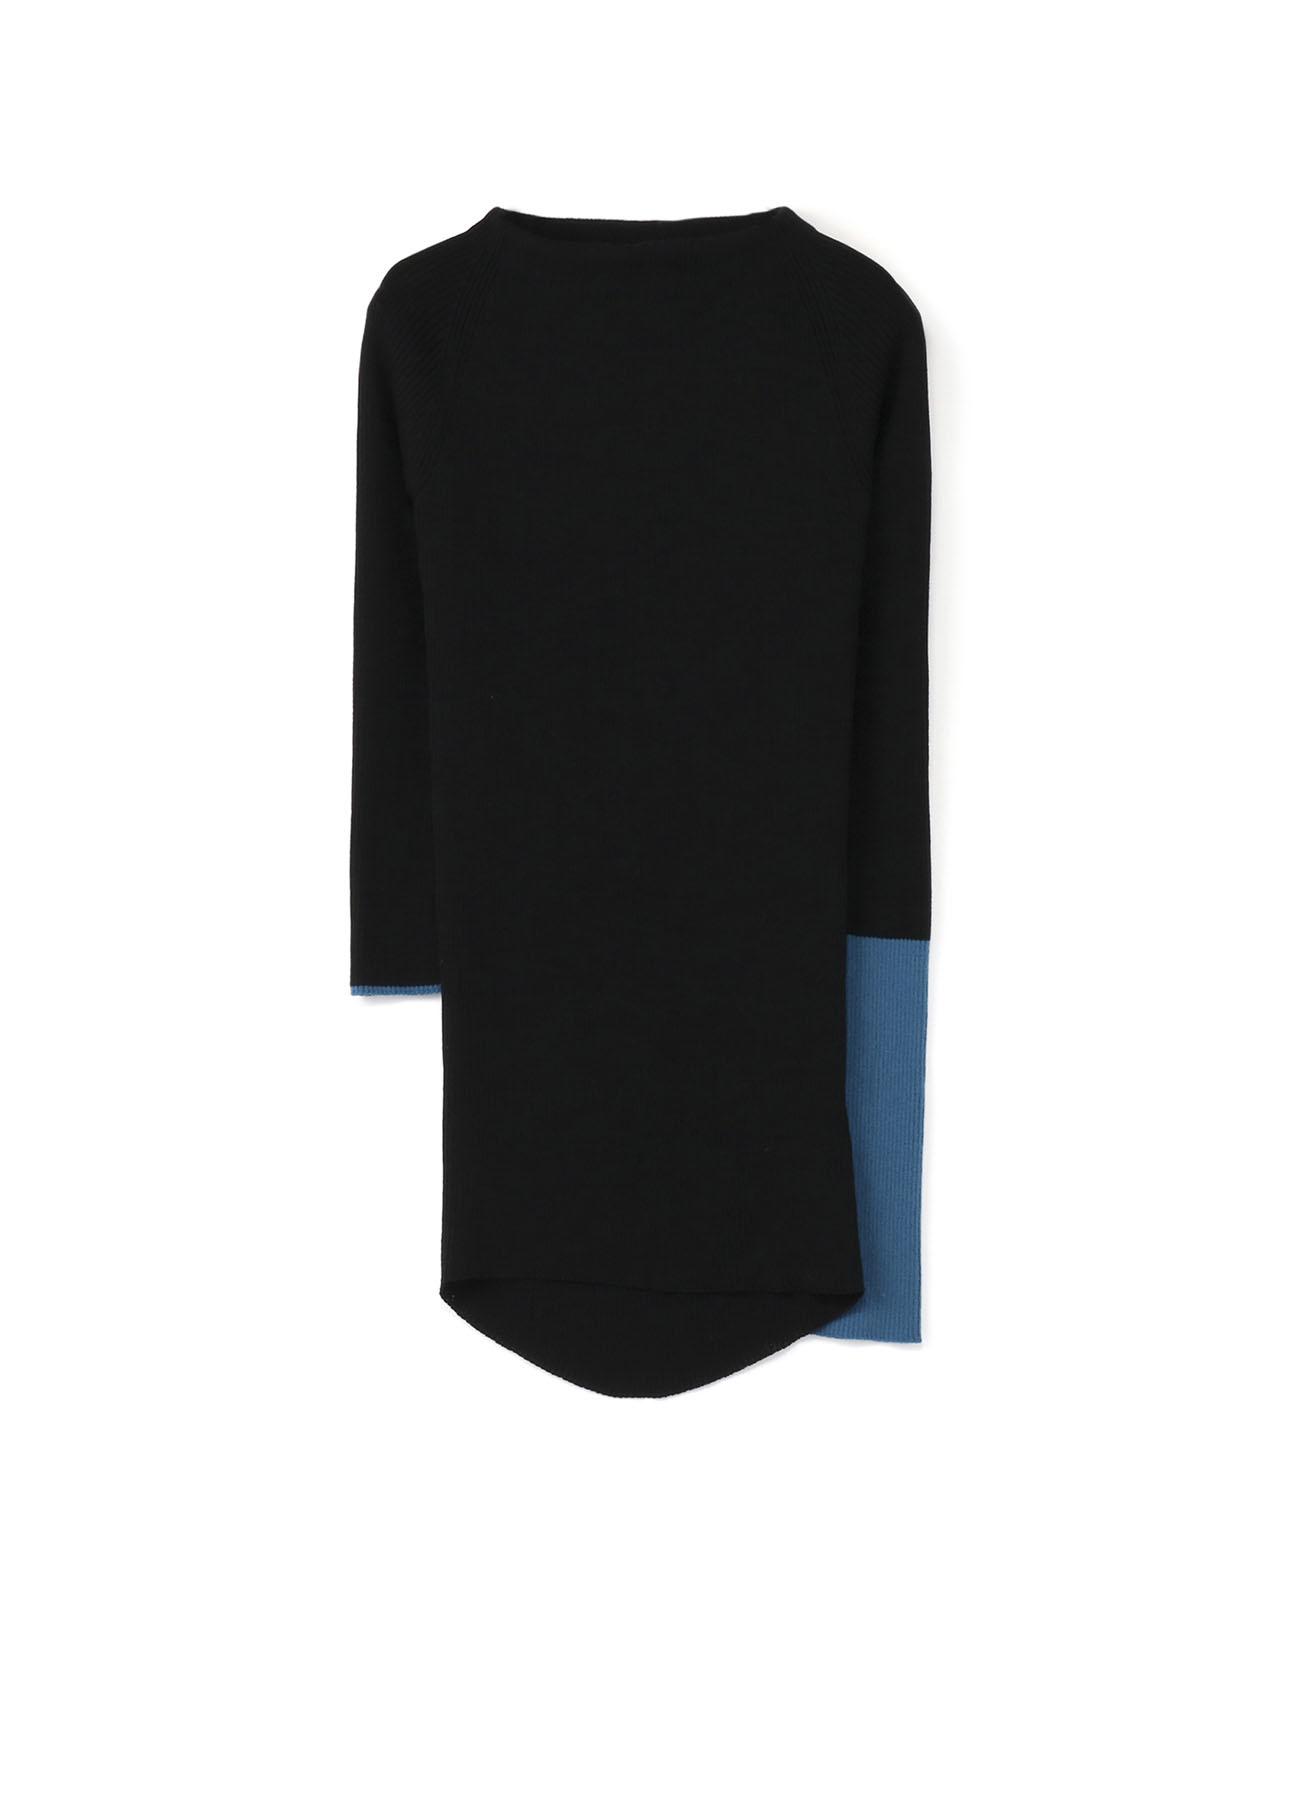 RISMATbyY的SUPER140强力肋骨圆领套头衫